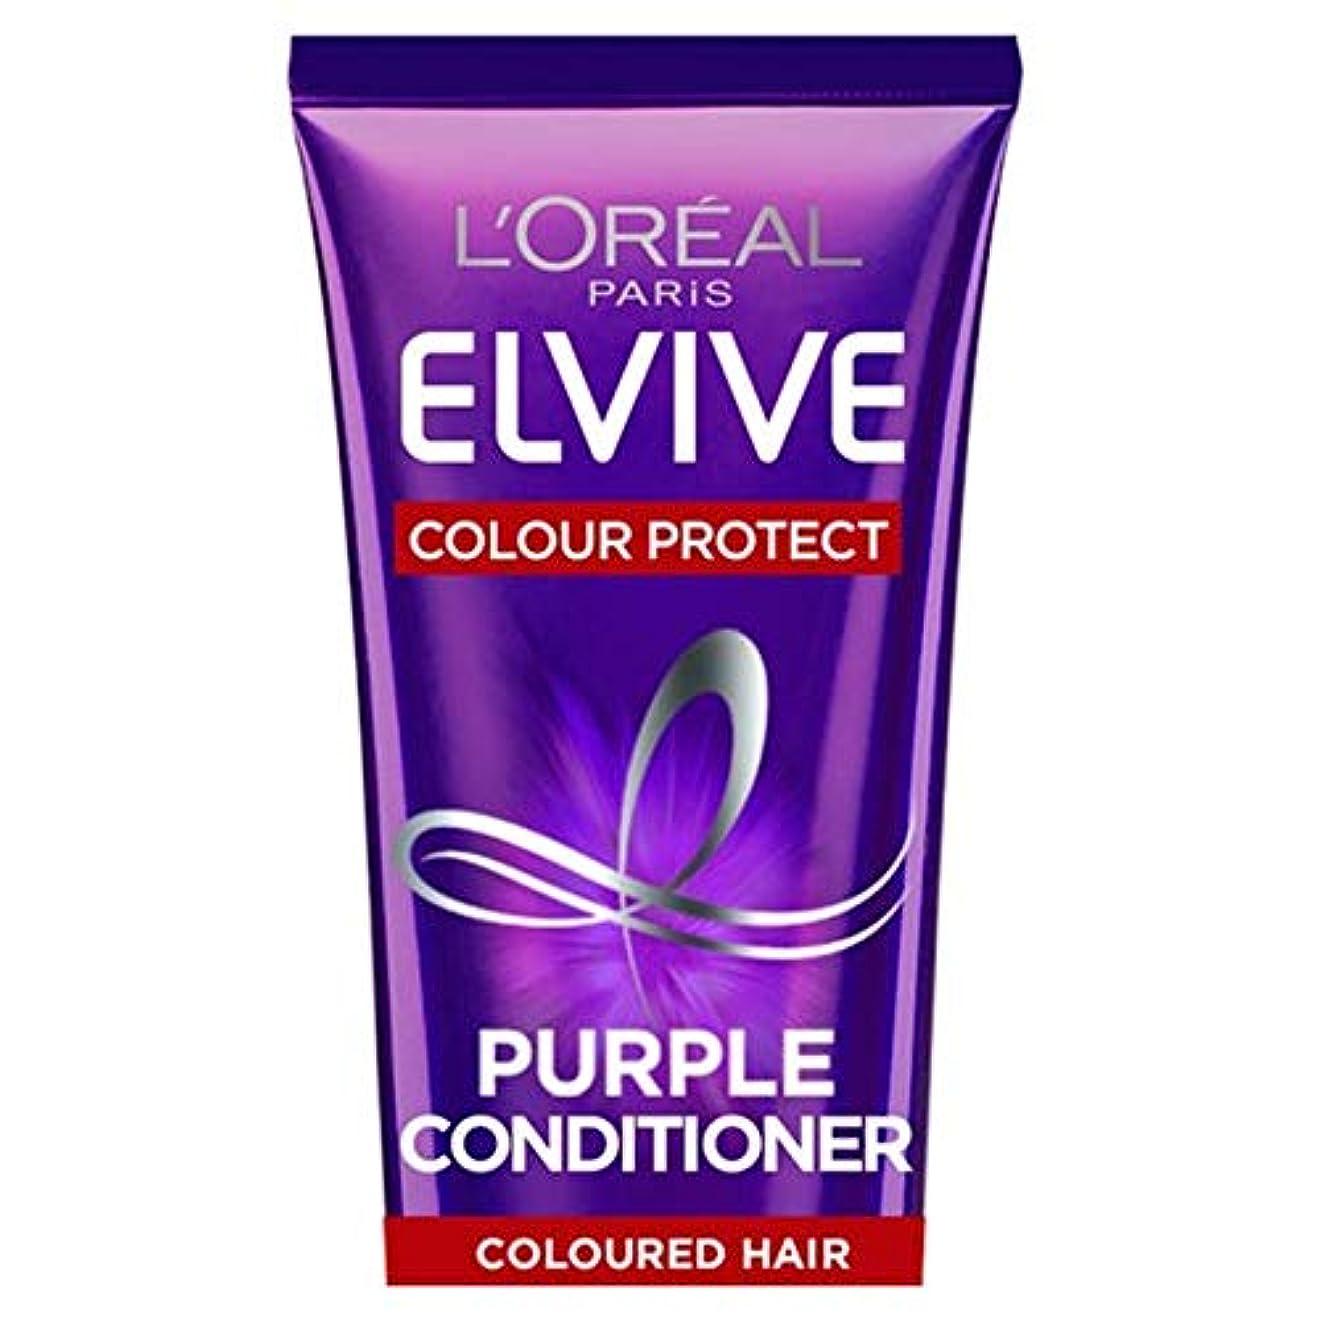 黙キッチン弱い[Elvive] ロレアルElvive色は紫コンディショナー150ミリリットルを保護します - L'oreal Elvive Colour Protect Purple Conditioner 150Ml [並行輸入品]